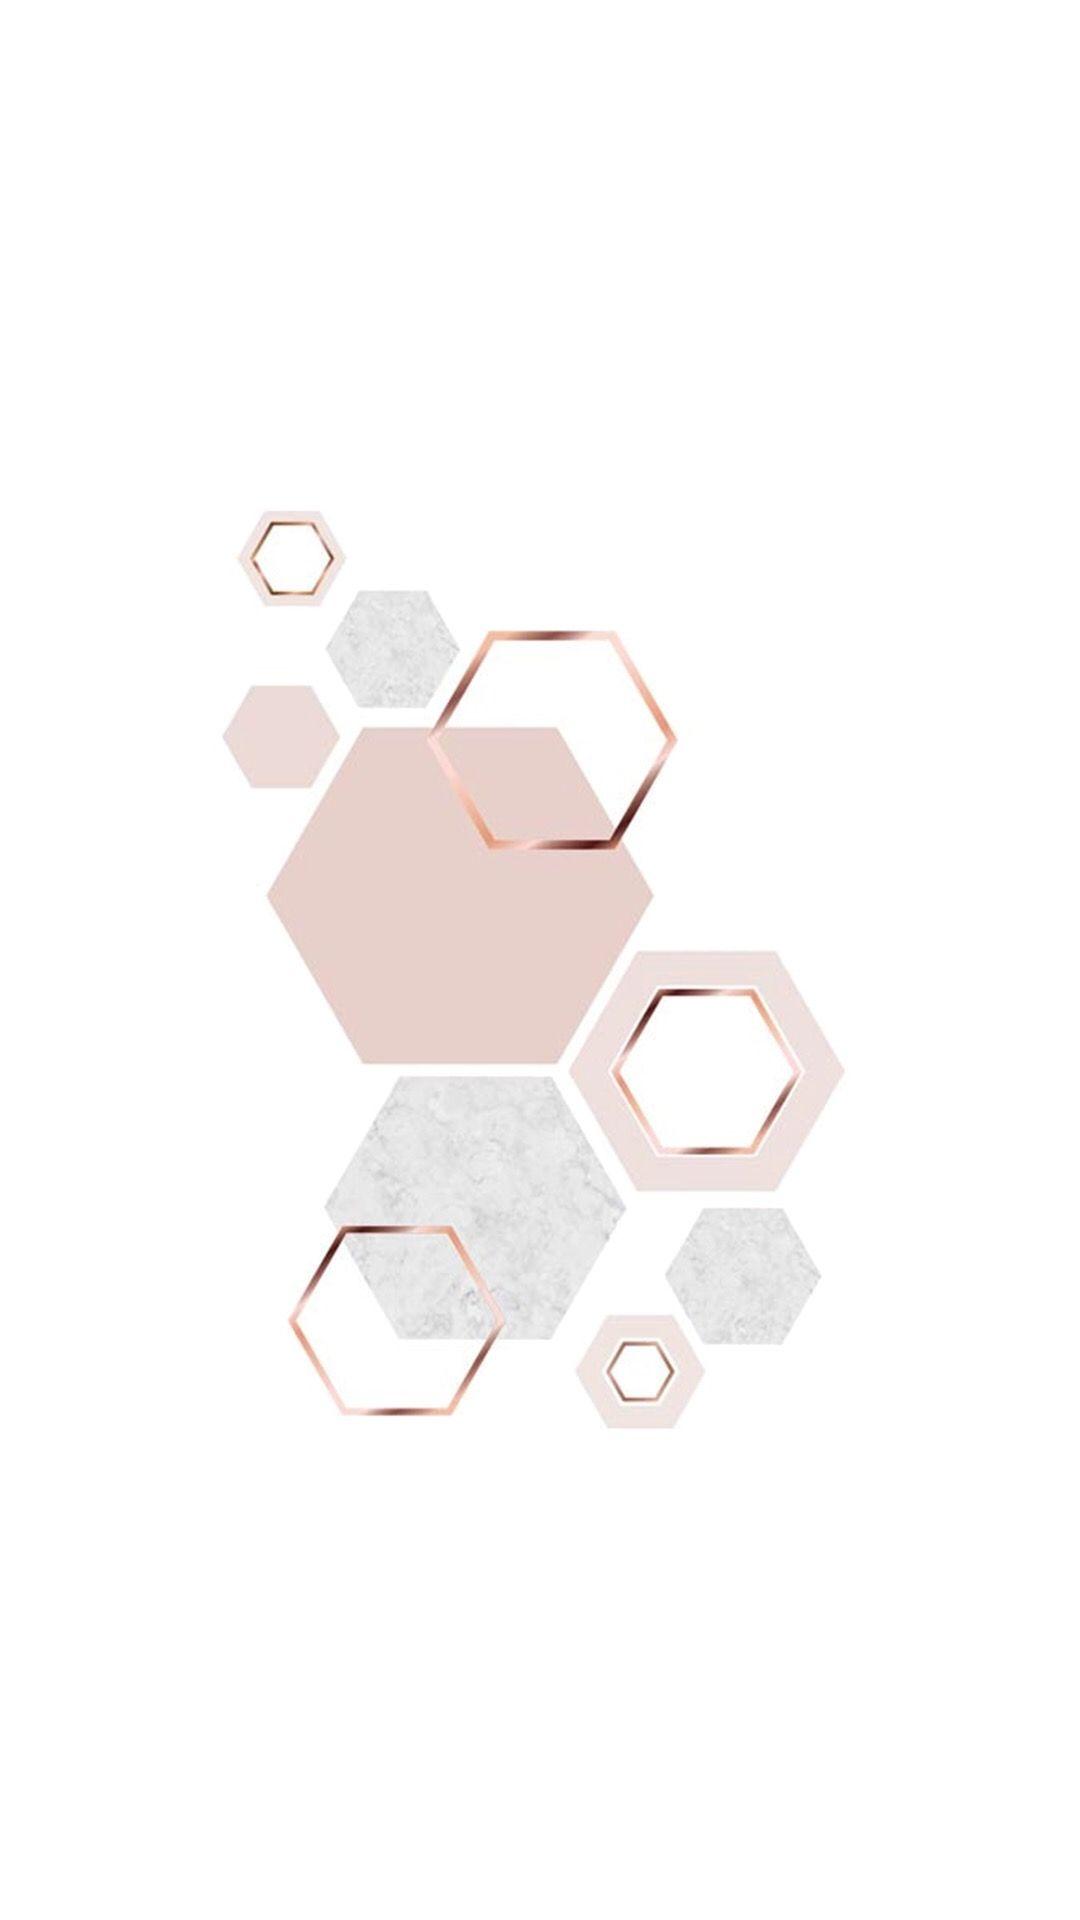 Gostei desses desenhos geometricos | wallpapers ...